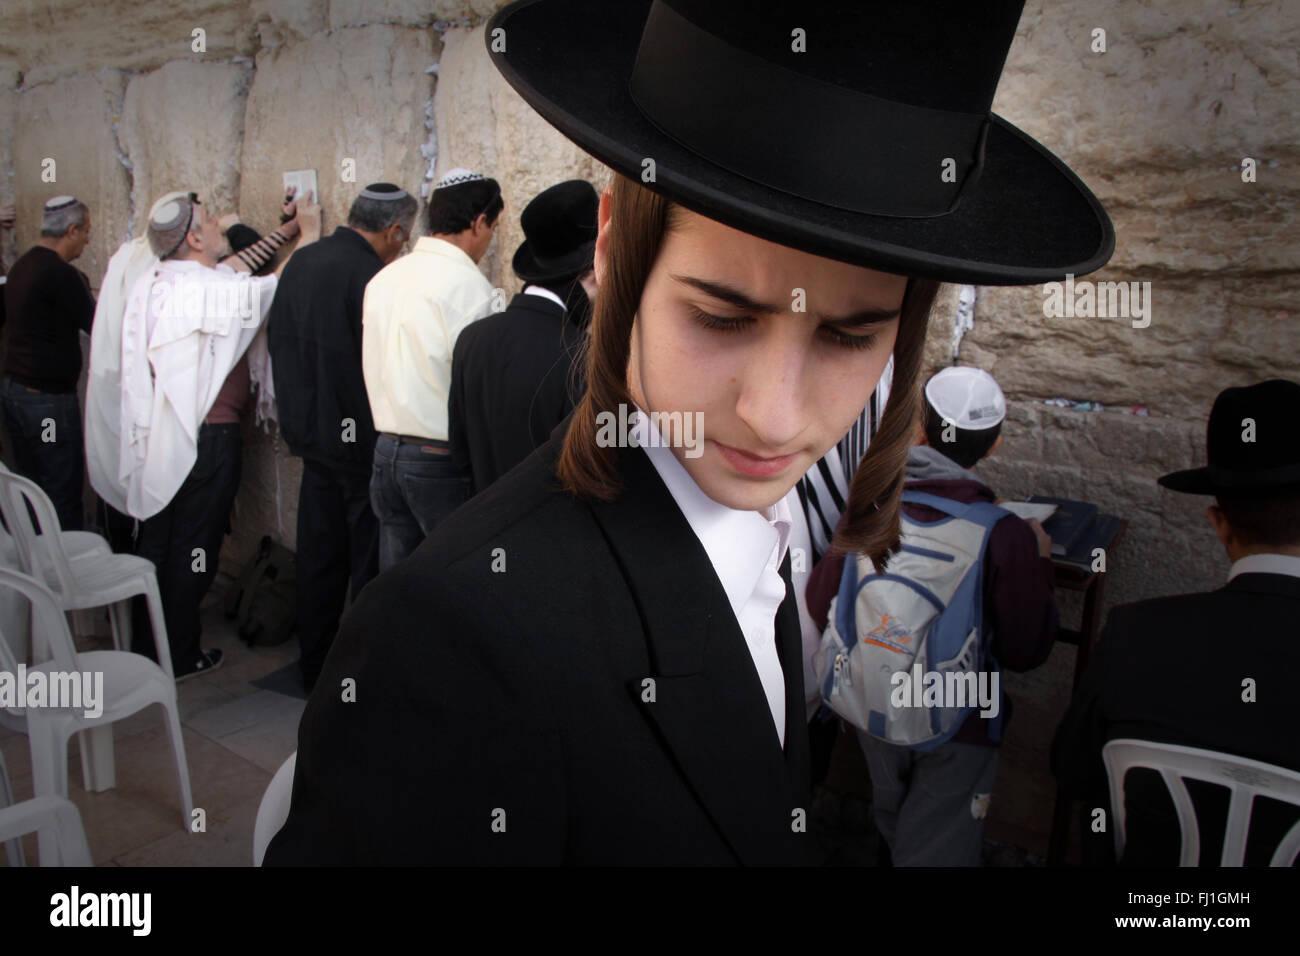 Hardedim man (Ultra ebreo ortodosso) presso il Muro Occidentale / il Muro del Pianto , Gerusalemme , Israele Immagini Stock